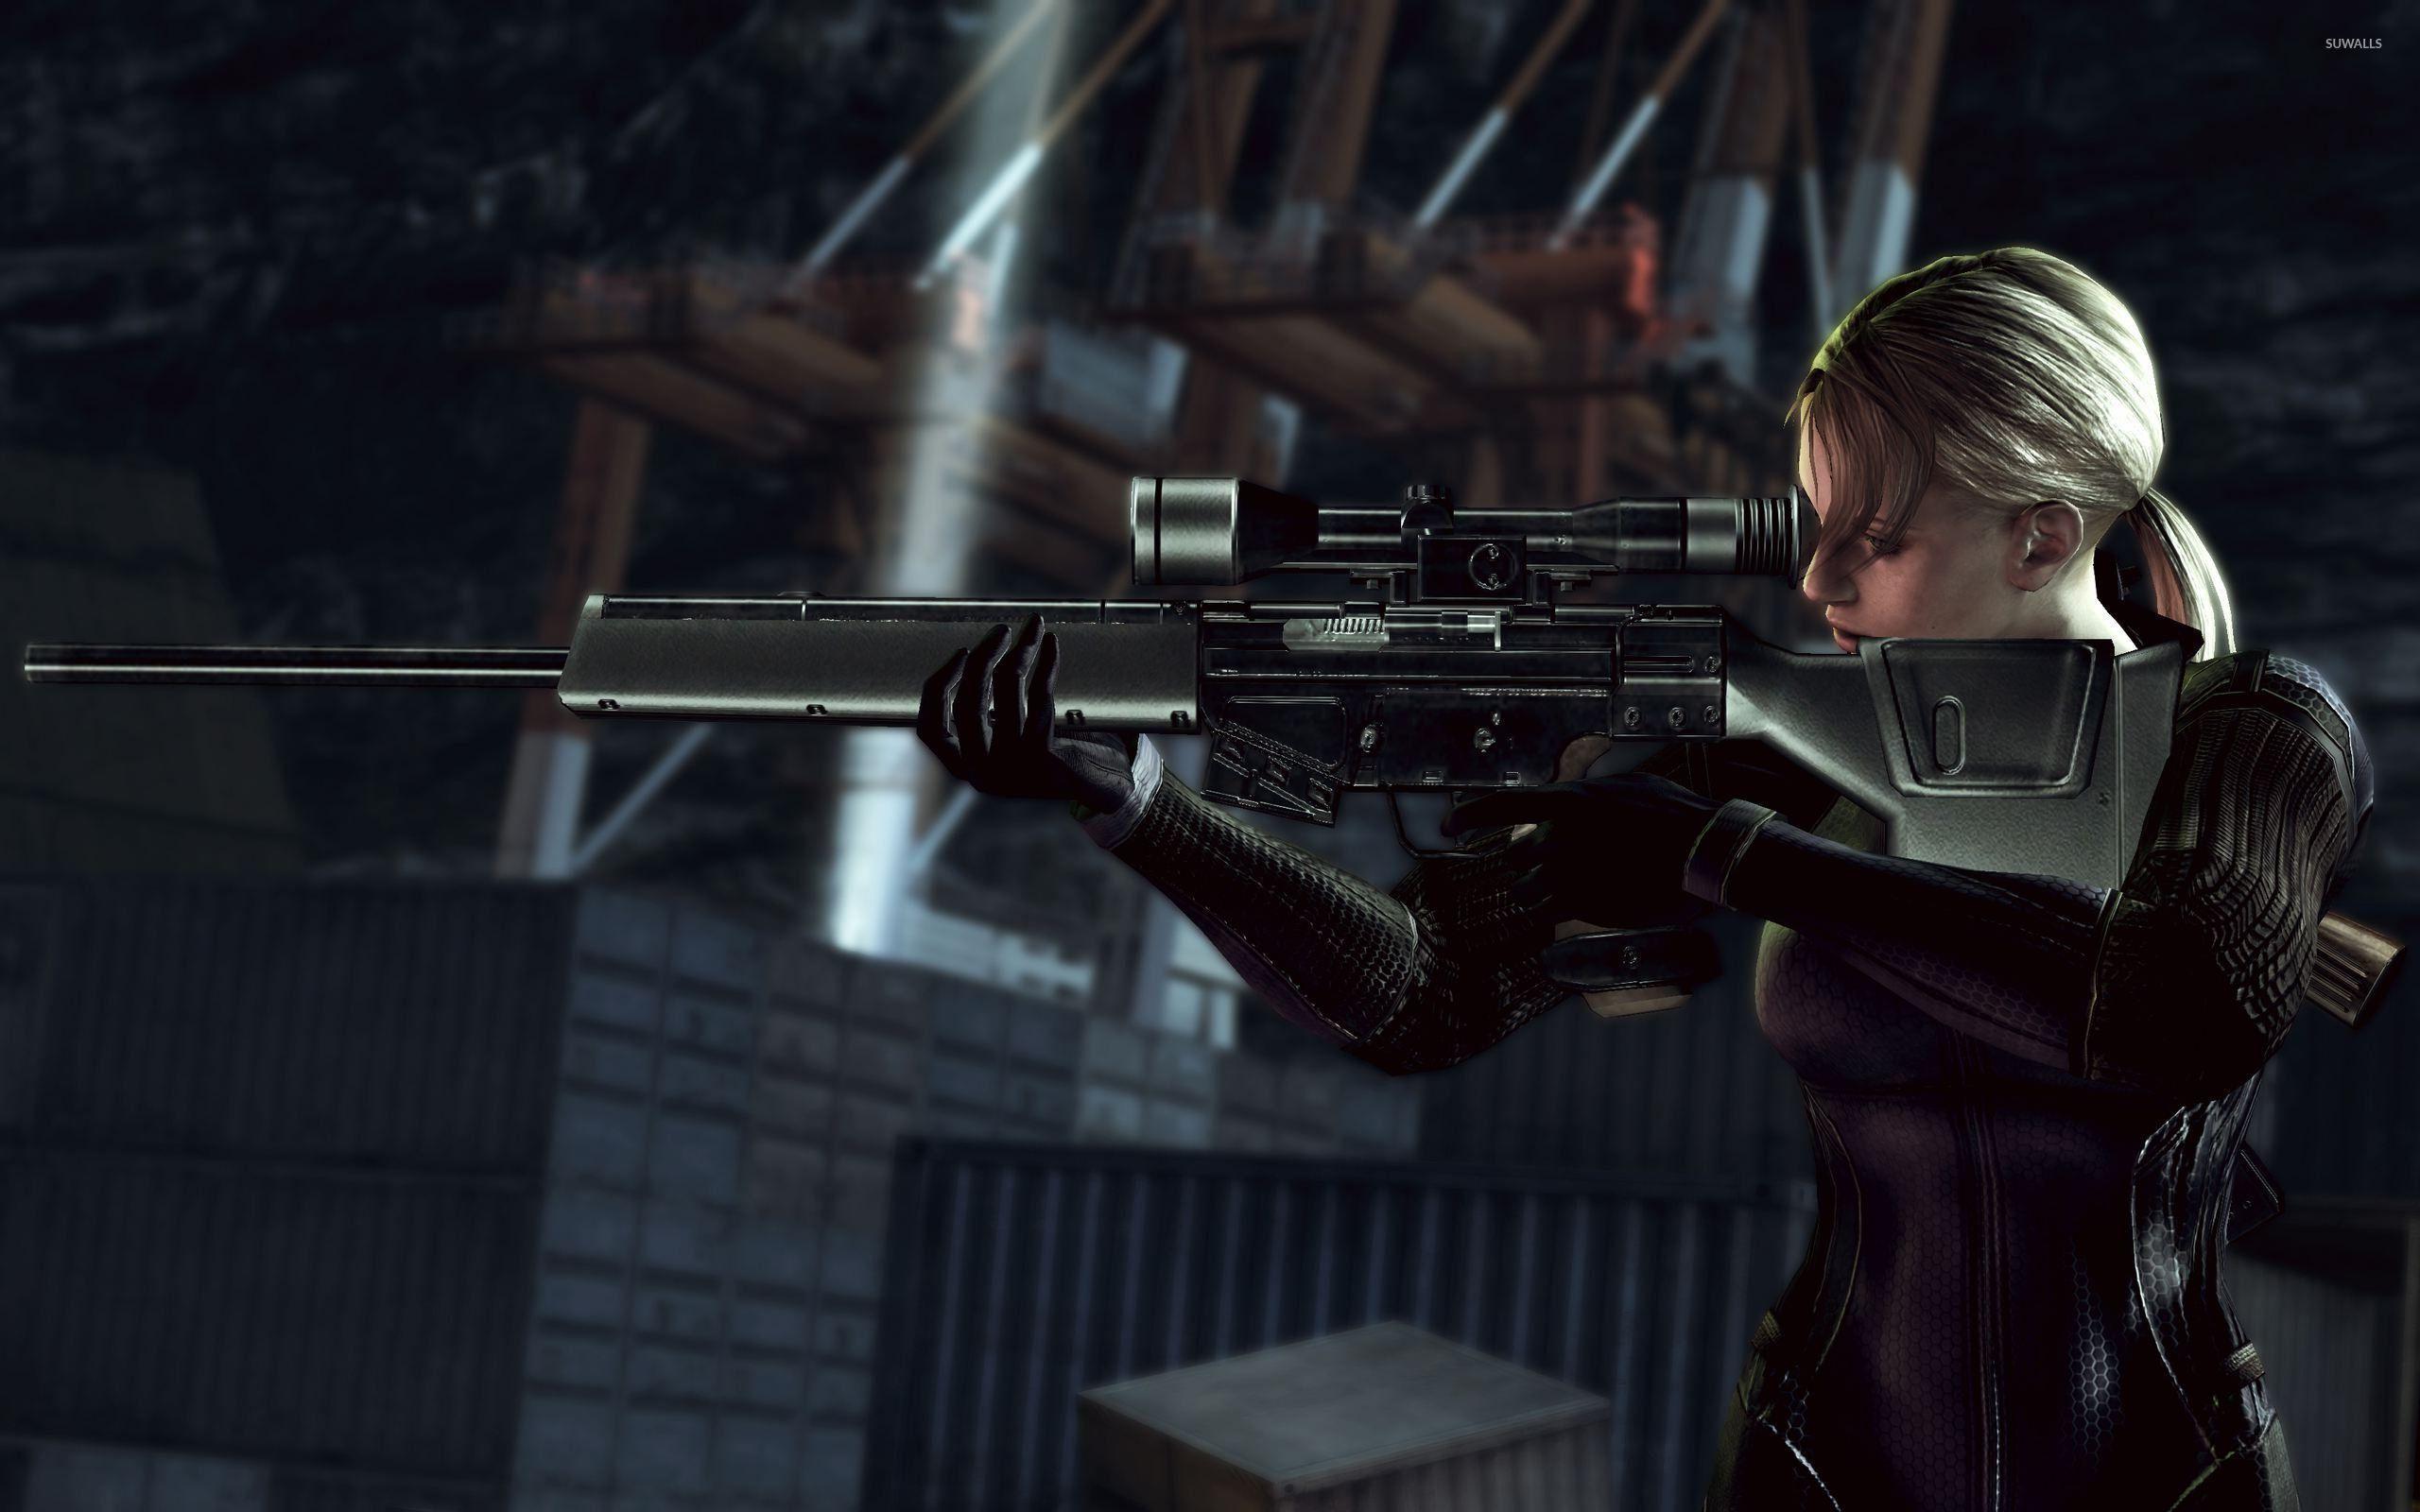 Jill Valentine Resident Evil Wallpaper Game Wallpapers